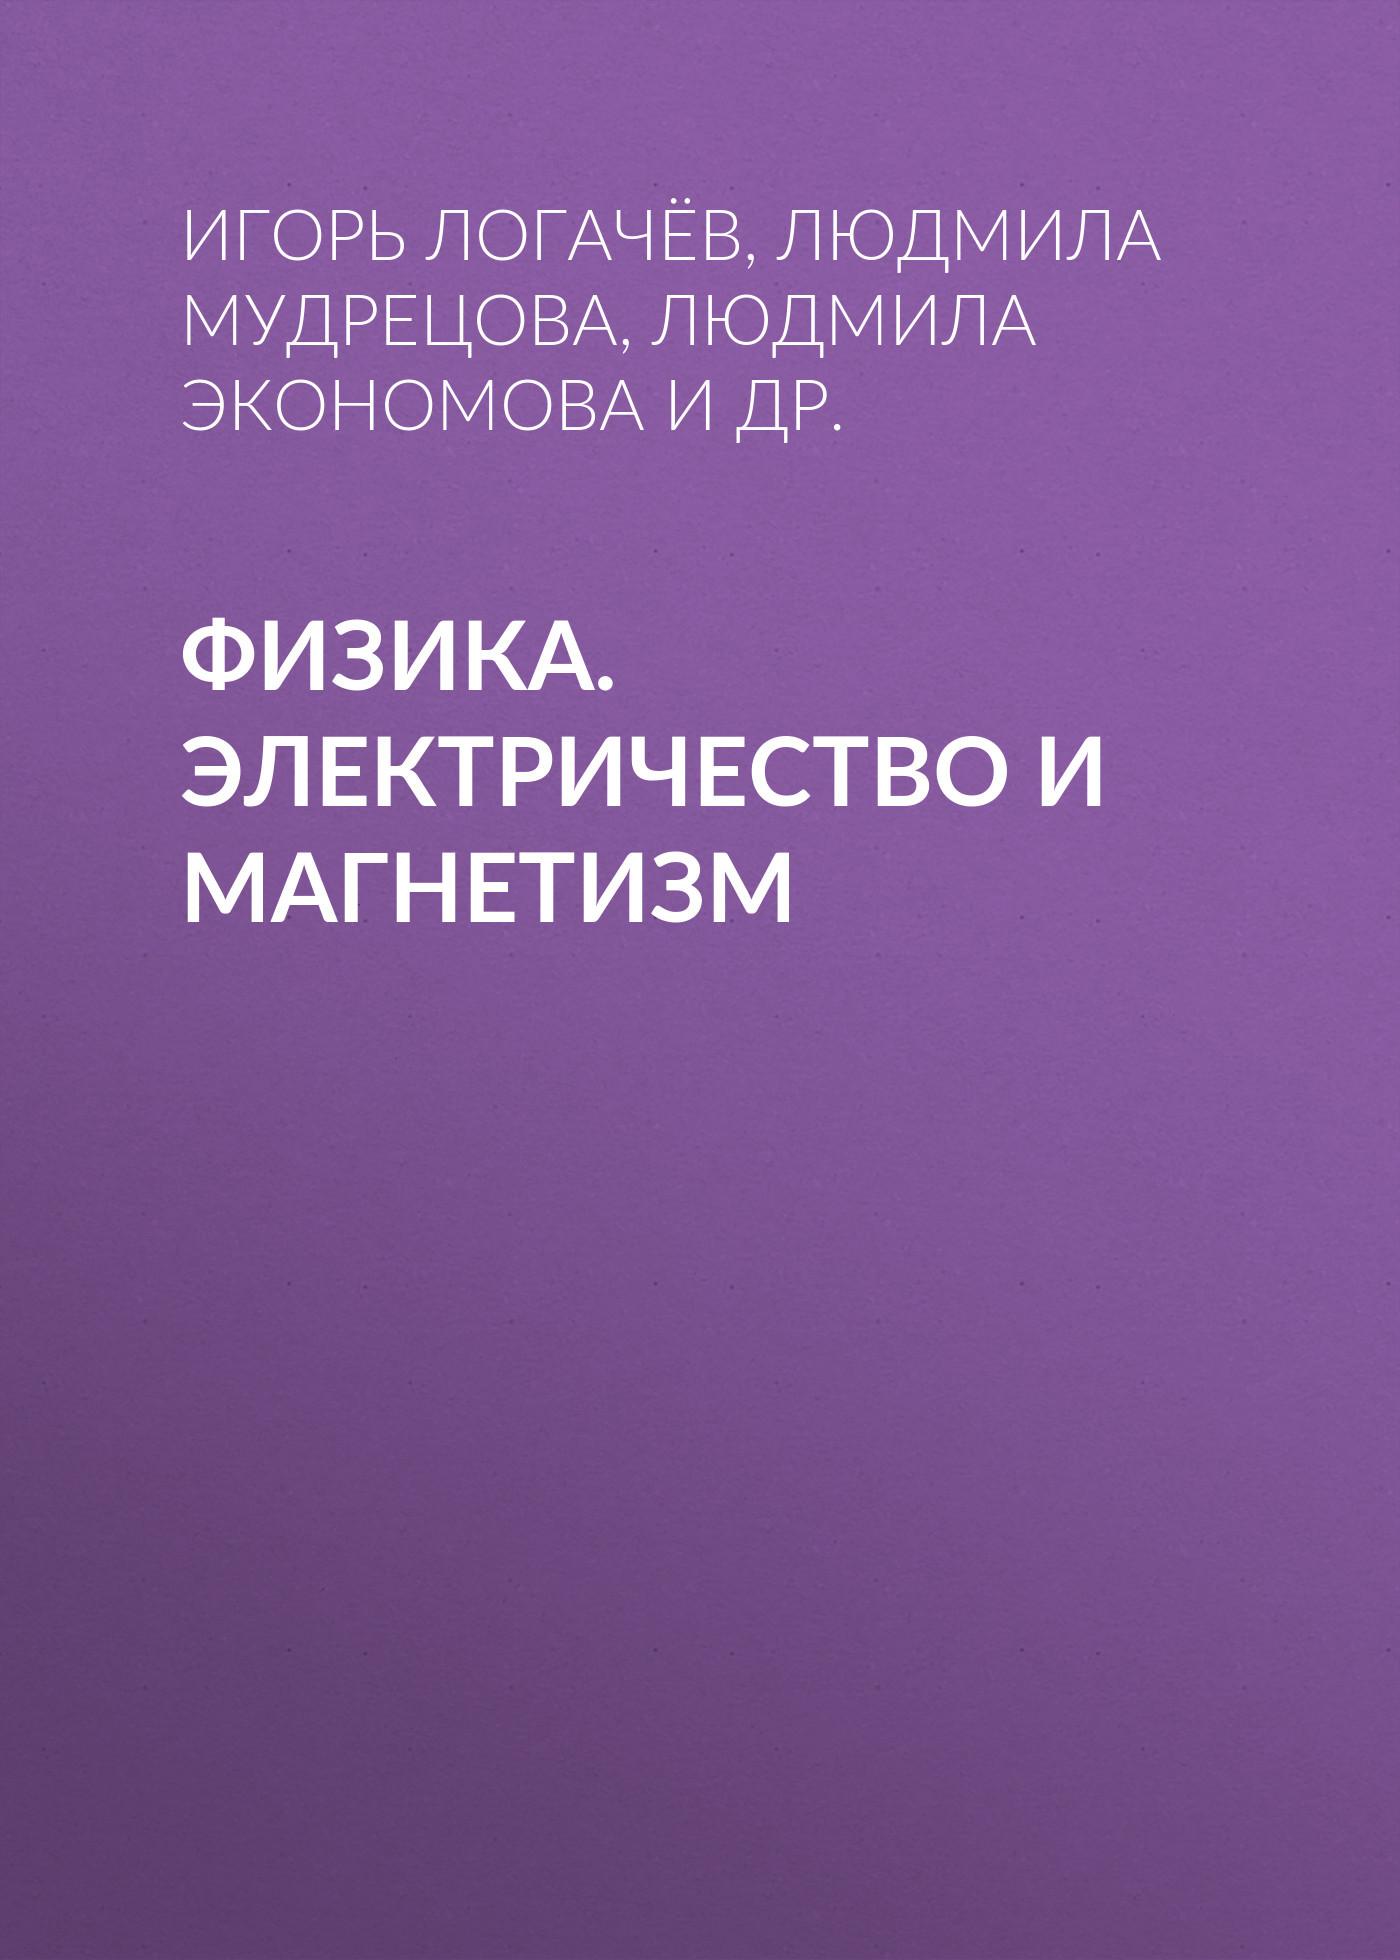 Людмила Экономова Физика. Электричество и магнетизм электротехника и магнетизм